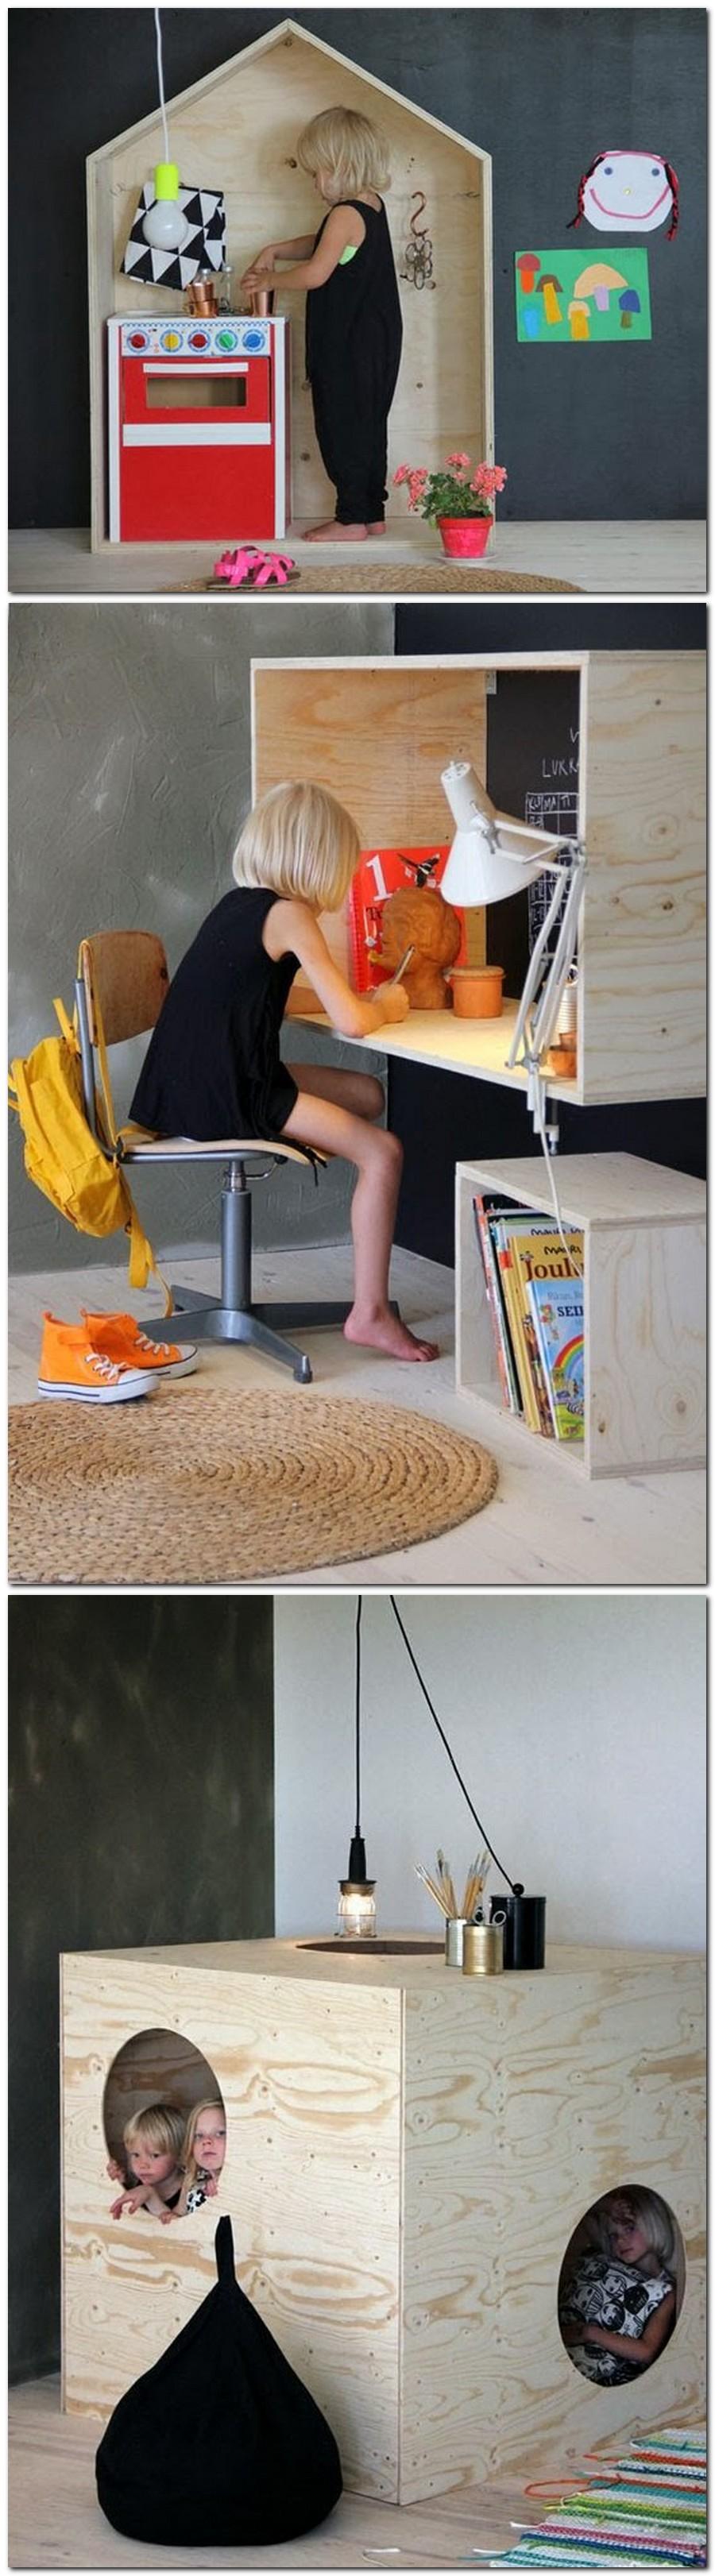 cute ideas for some fun